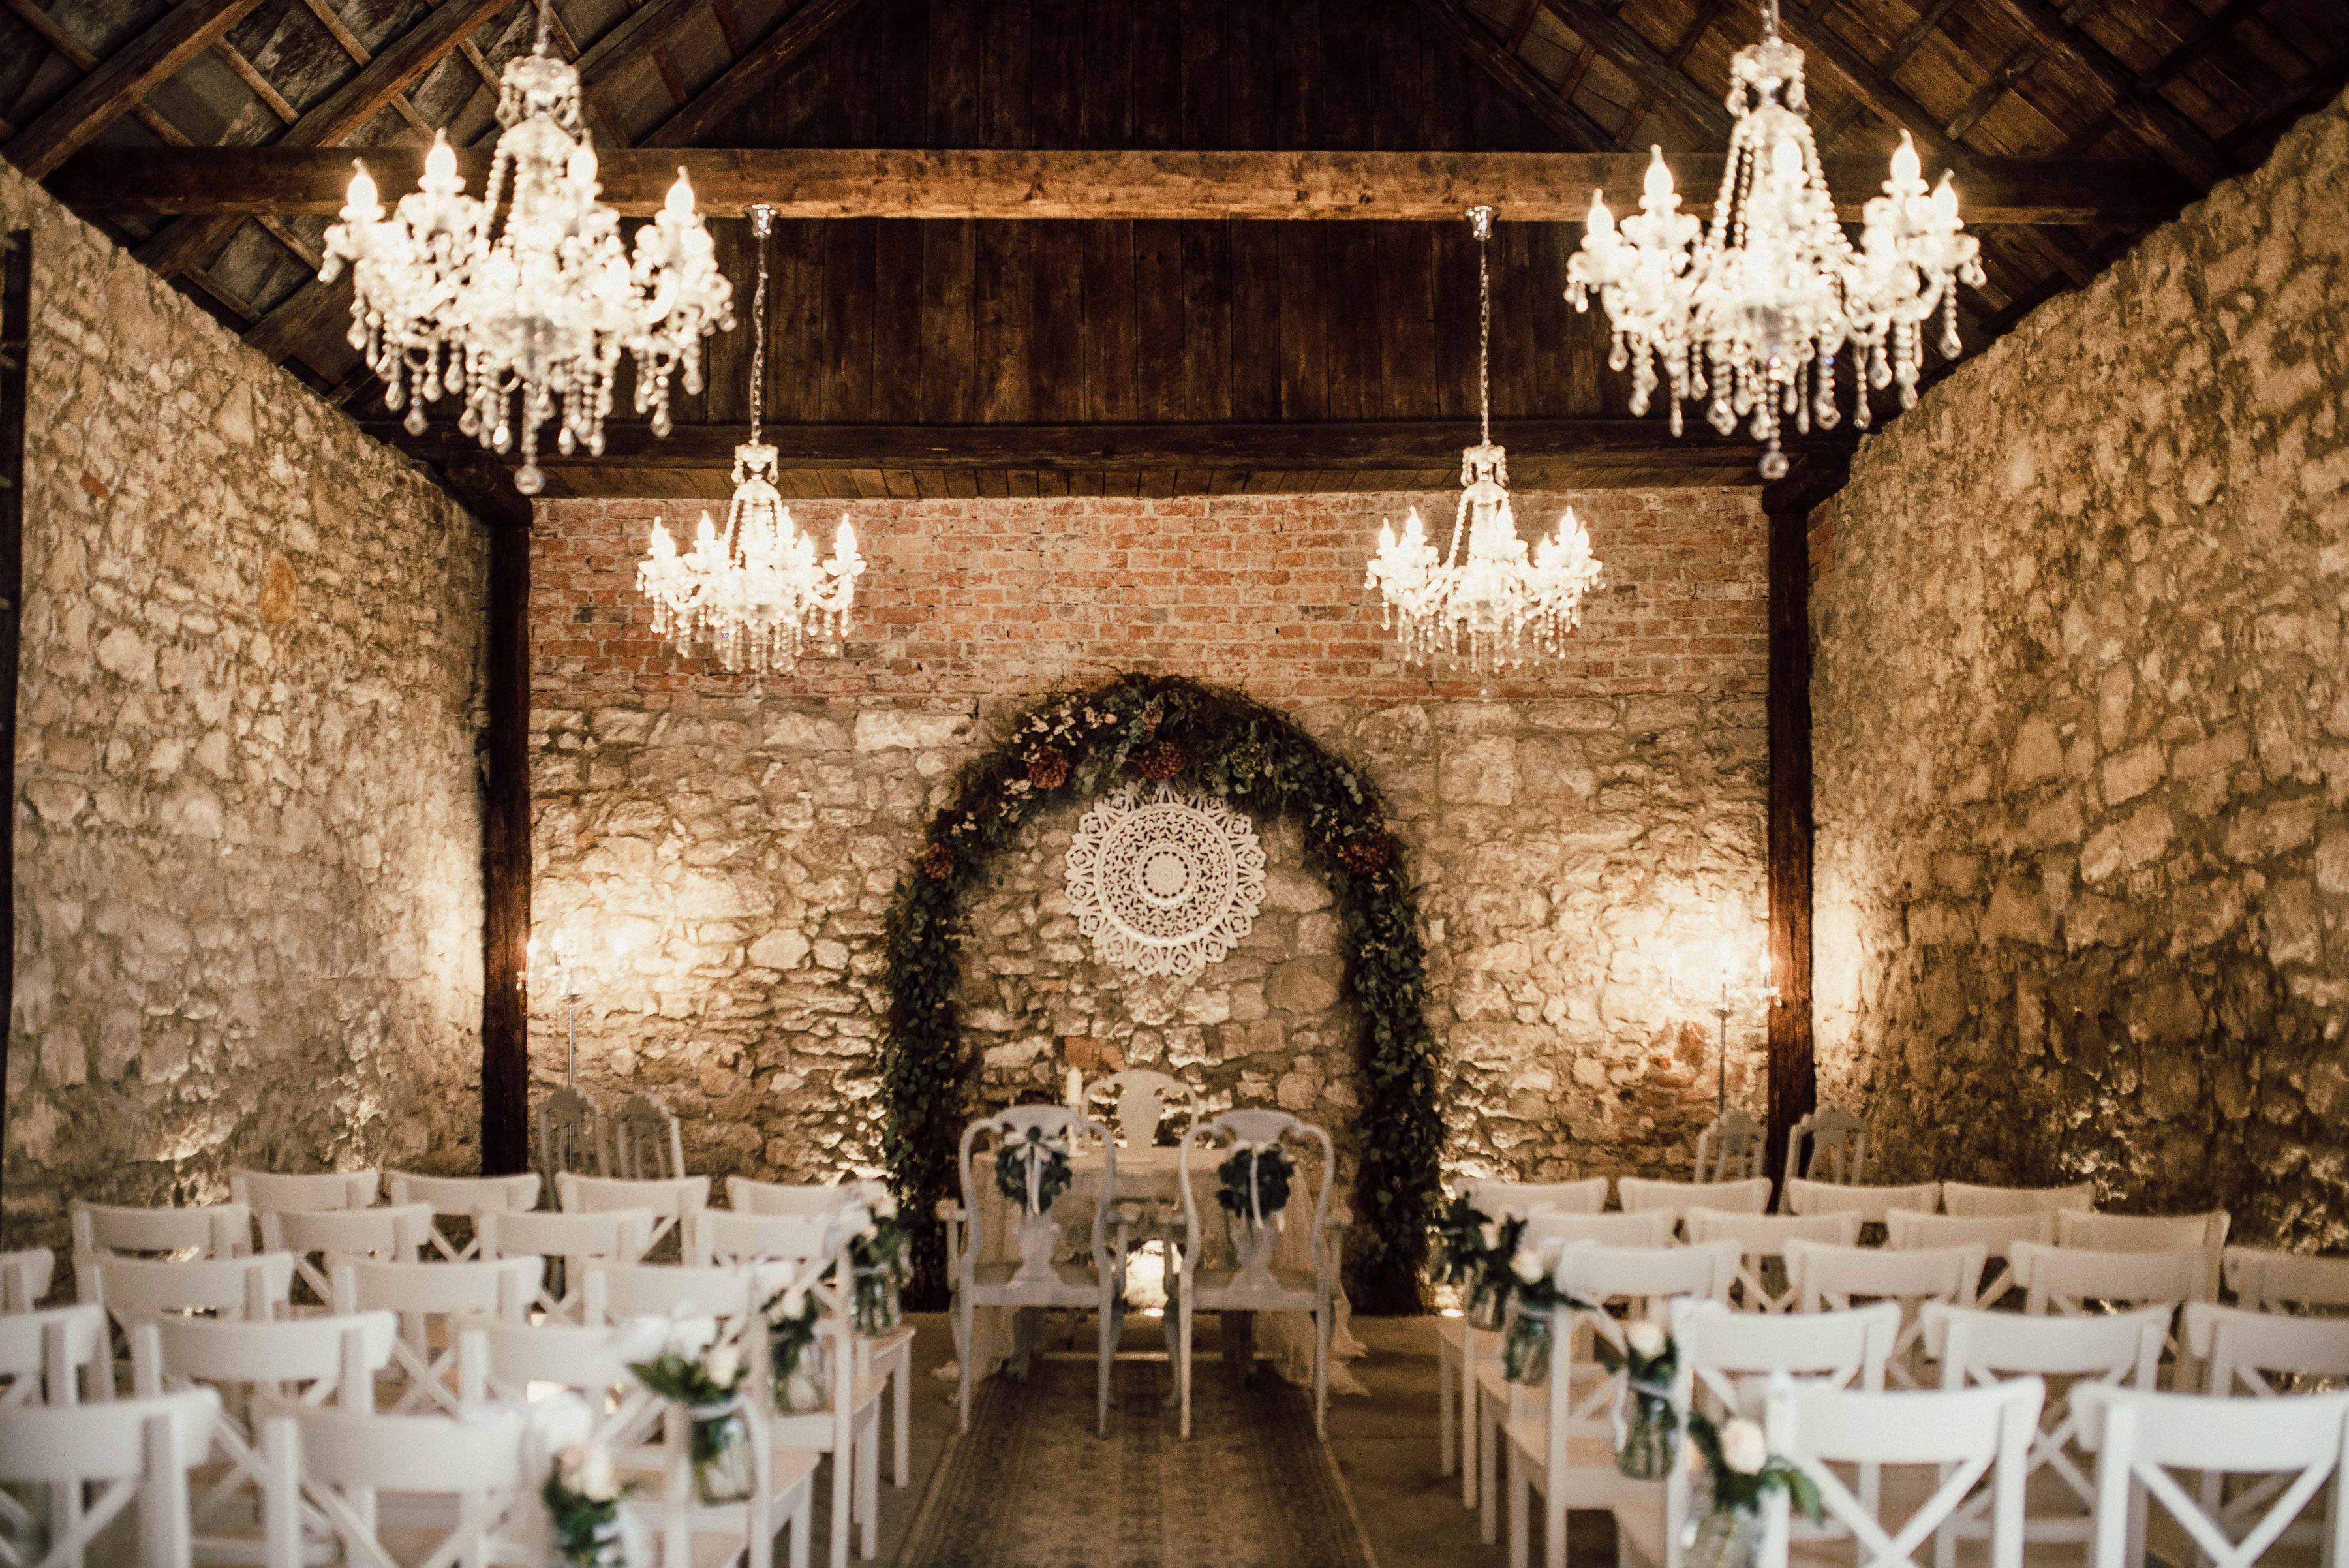 Scheunenhochzeit Osterreich Scheunenhochzeit Wien Himmelblau Rust Hochzeit Hochzeitsfotograf Scheunen Hochzeit